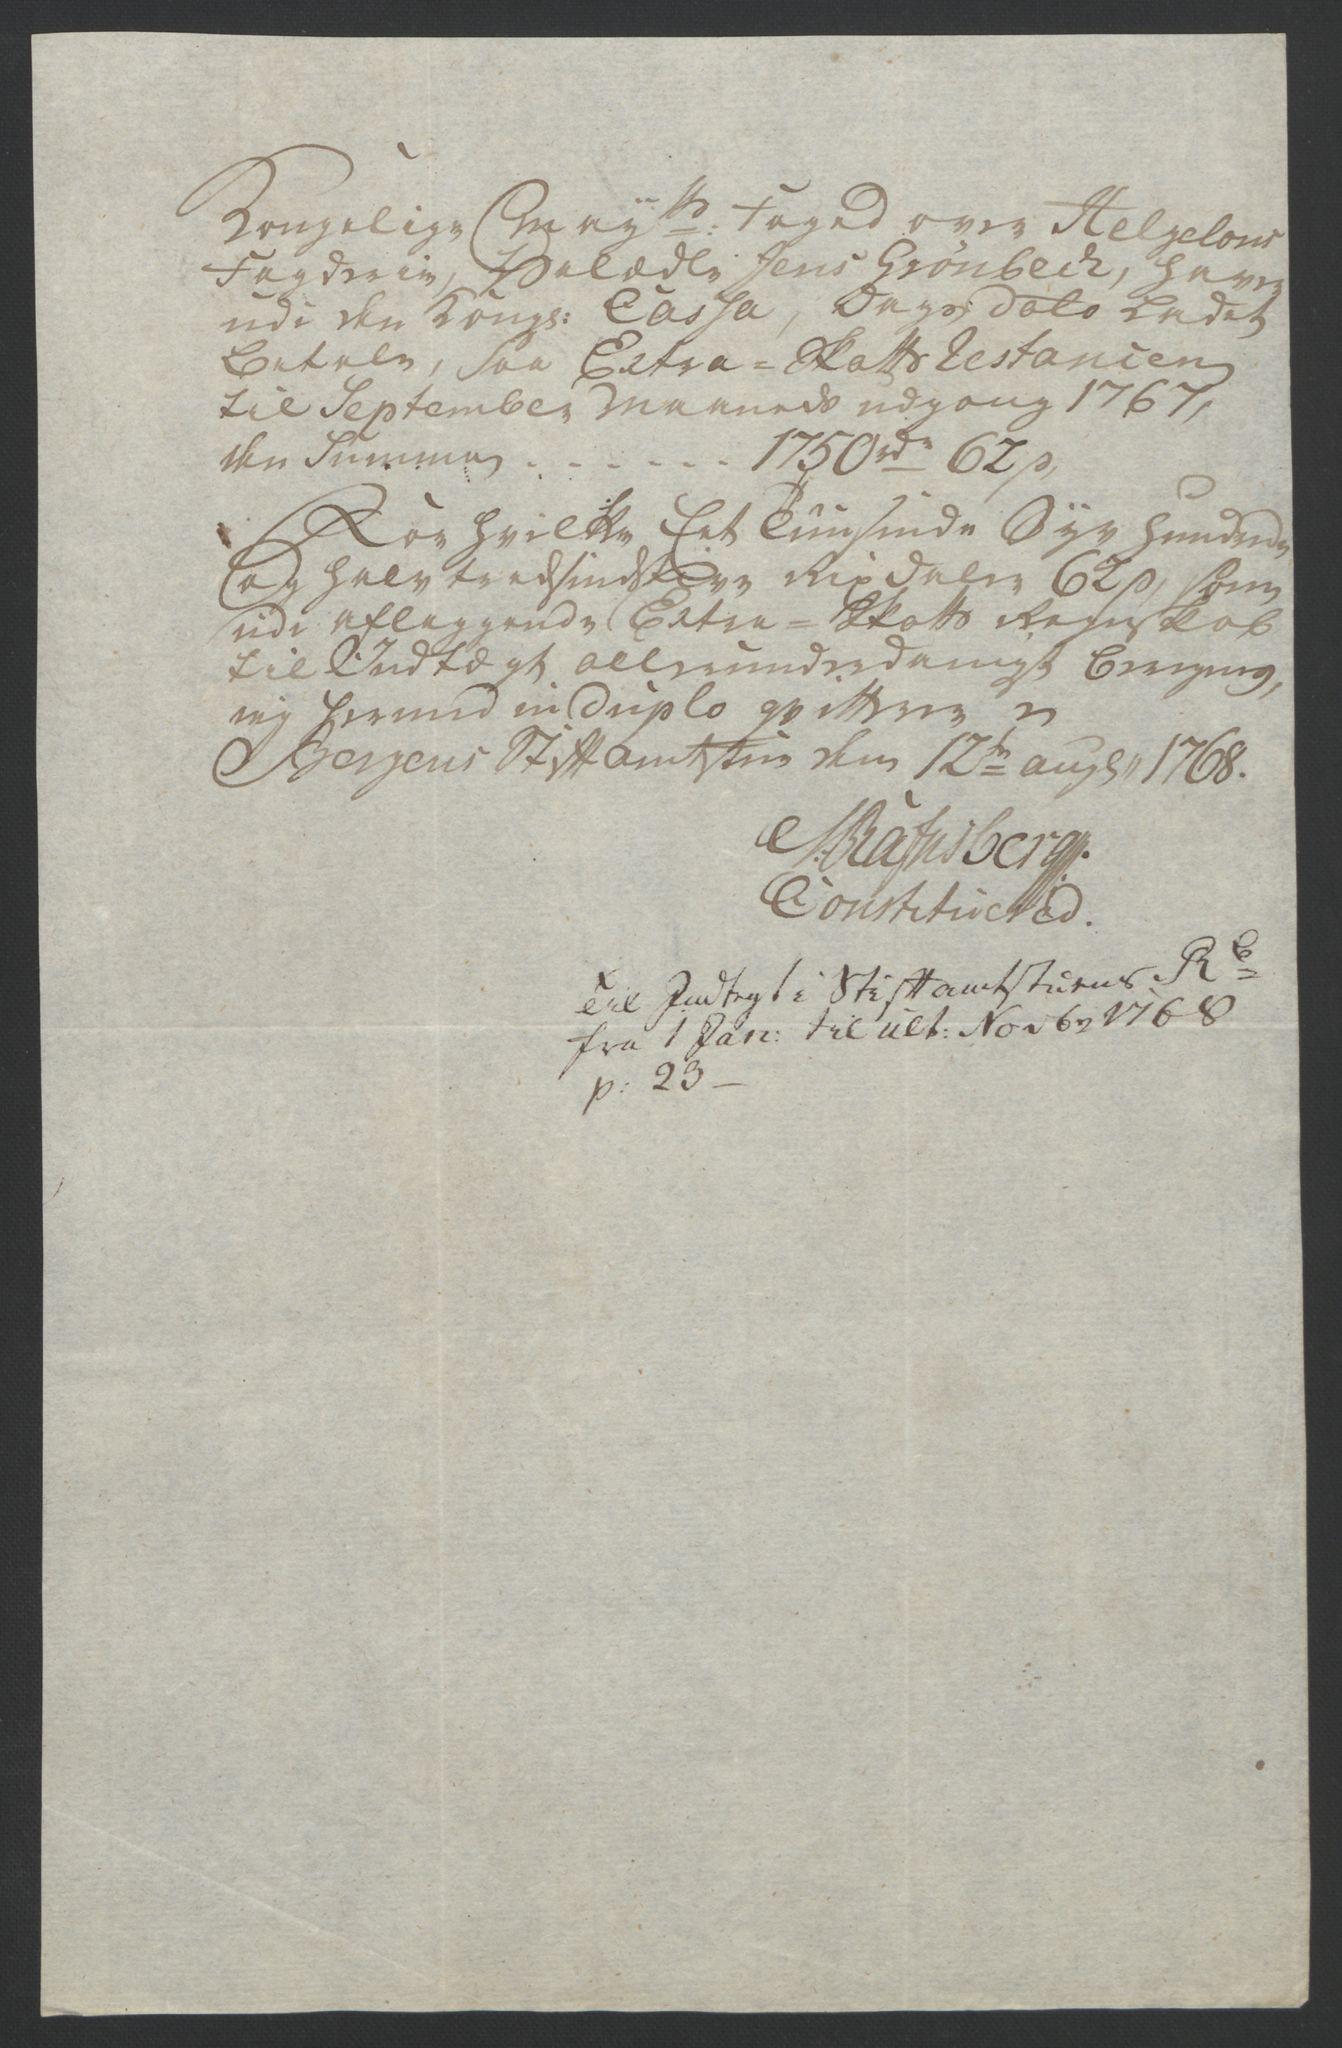 RA, Rentekammeret inntil 1814, Reviderte regnskaper, Fogderegnskap, R65/L4573: Ekstraskatten Helgeland, 1762-1772, s. 165